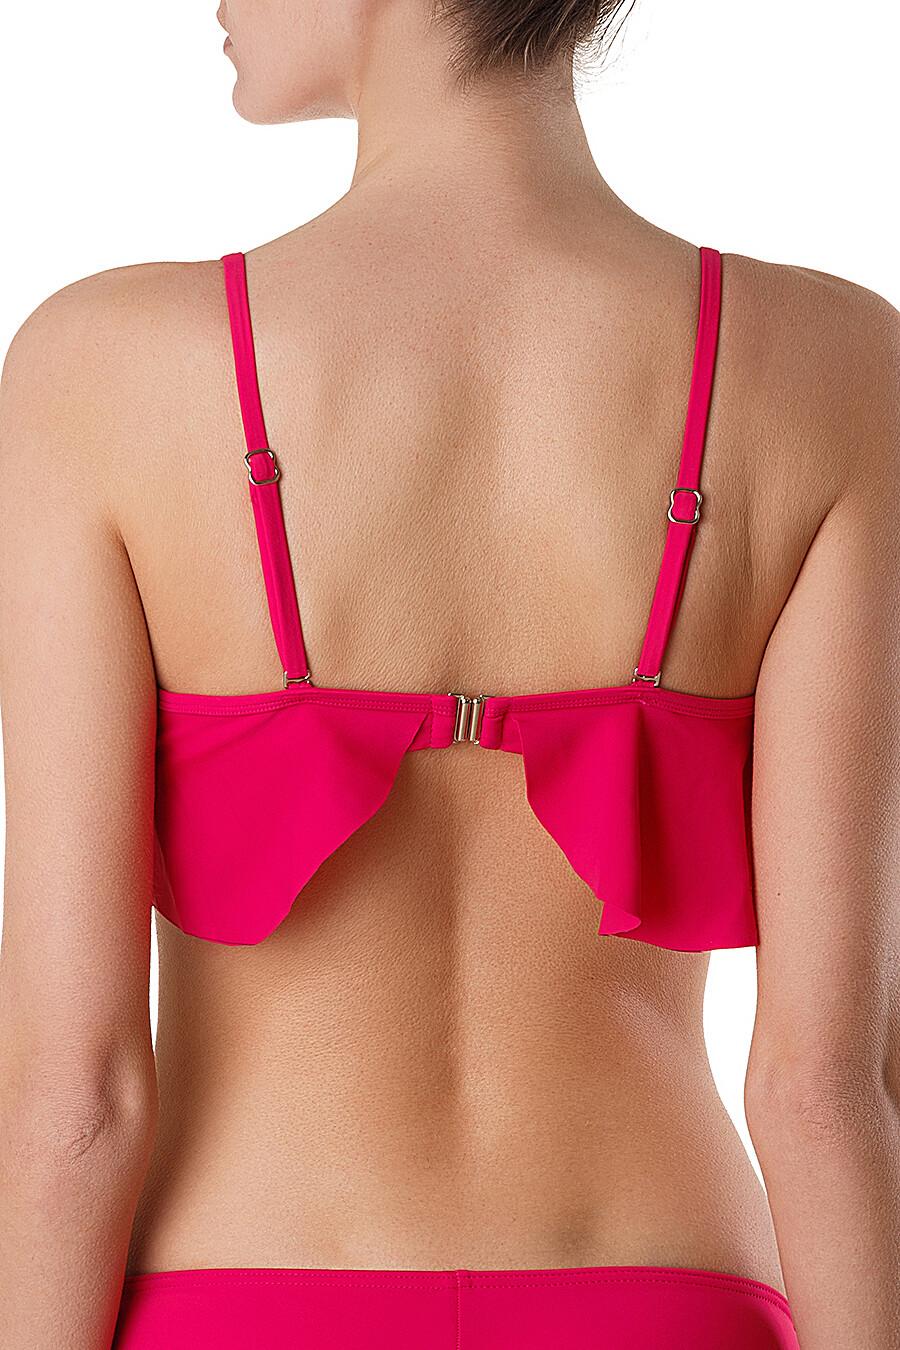 Бюстгальтер для женщин ESLI 124313 купить оптом от производителя. Совместная покупка женской одежды в OptMoyo